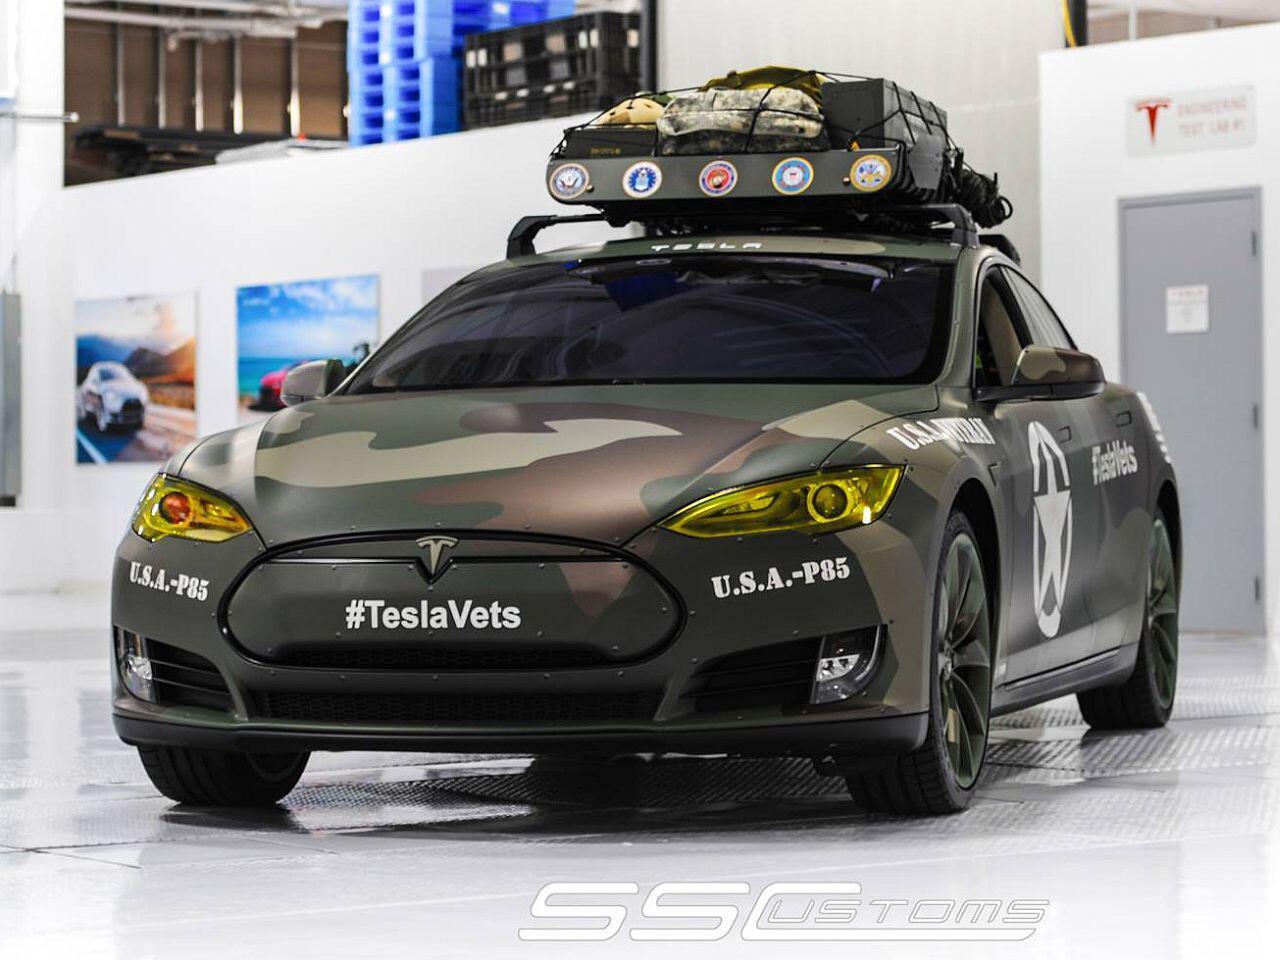 Bild zu Tesla Model S im Army-Look